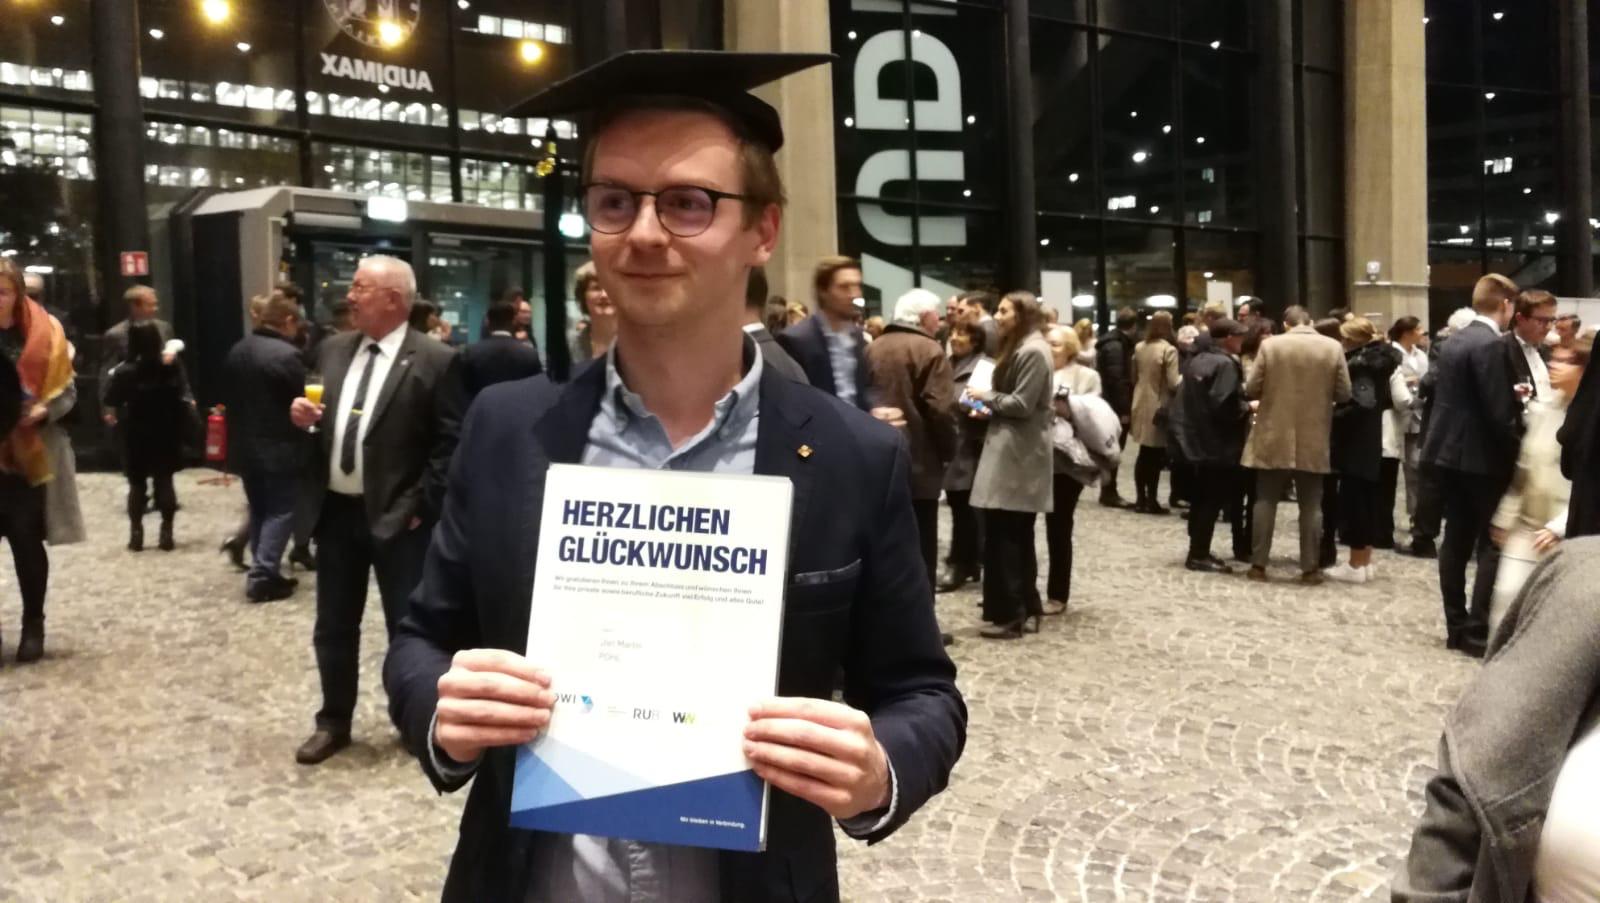 Master-Abschluss im Audimax der Ruhr-Universität Bochum 2019